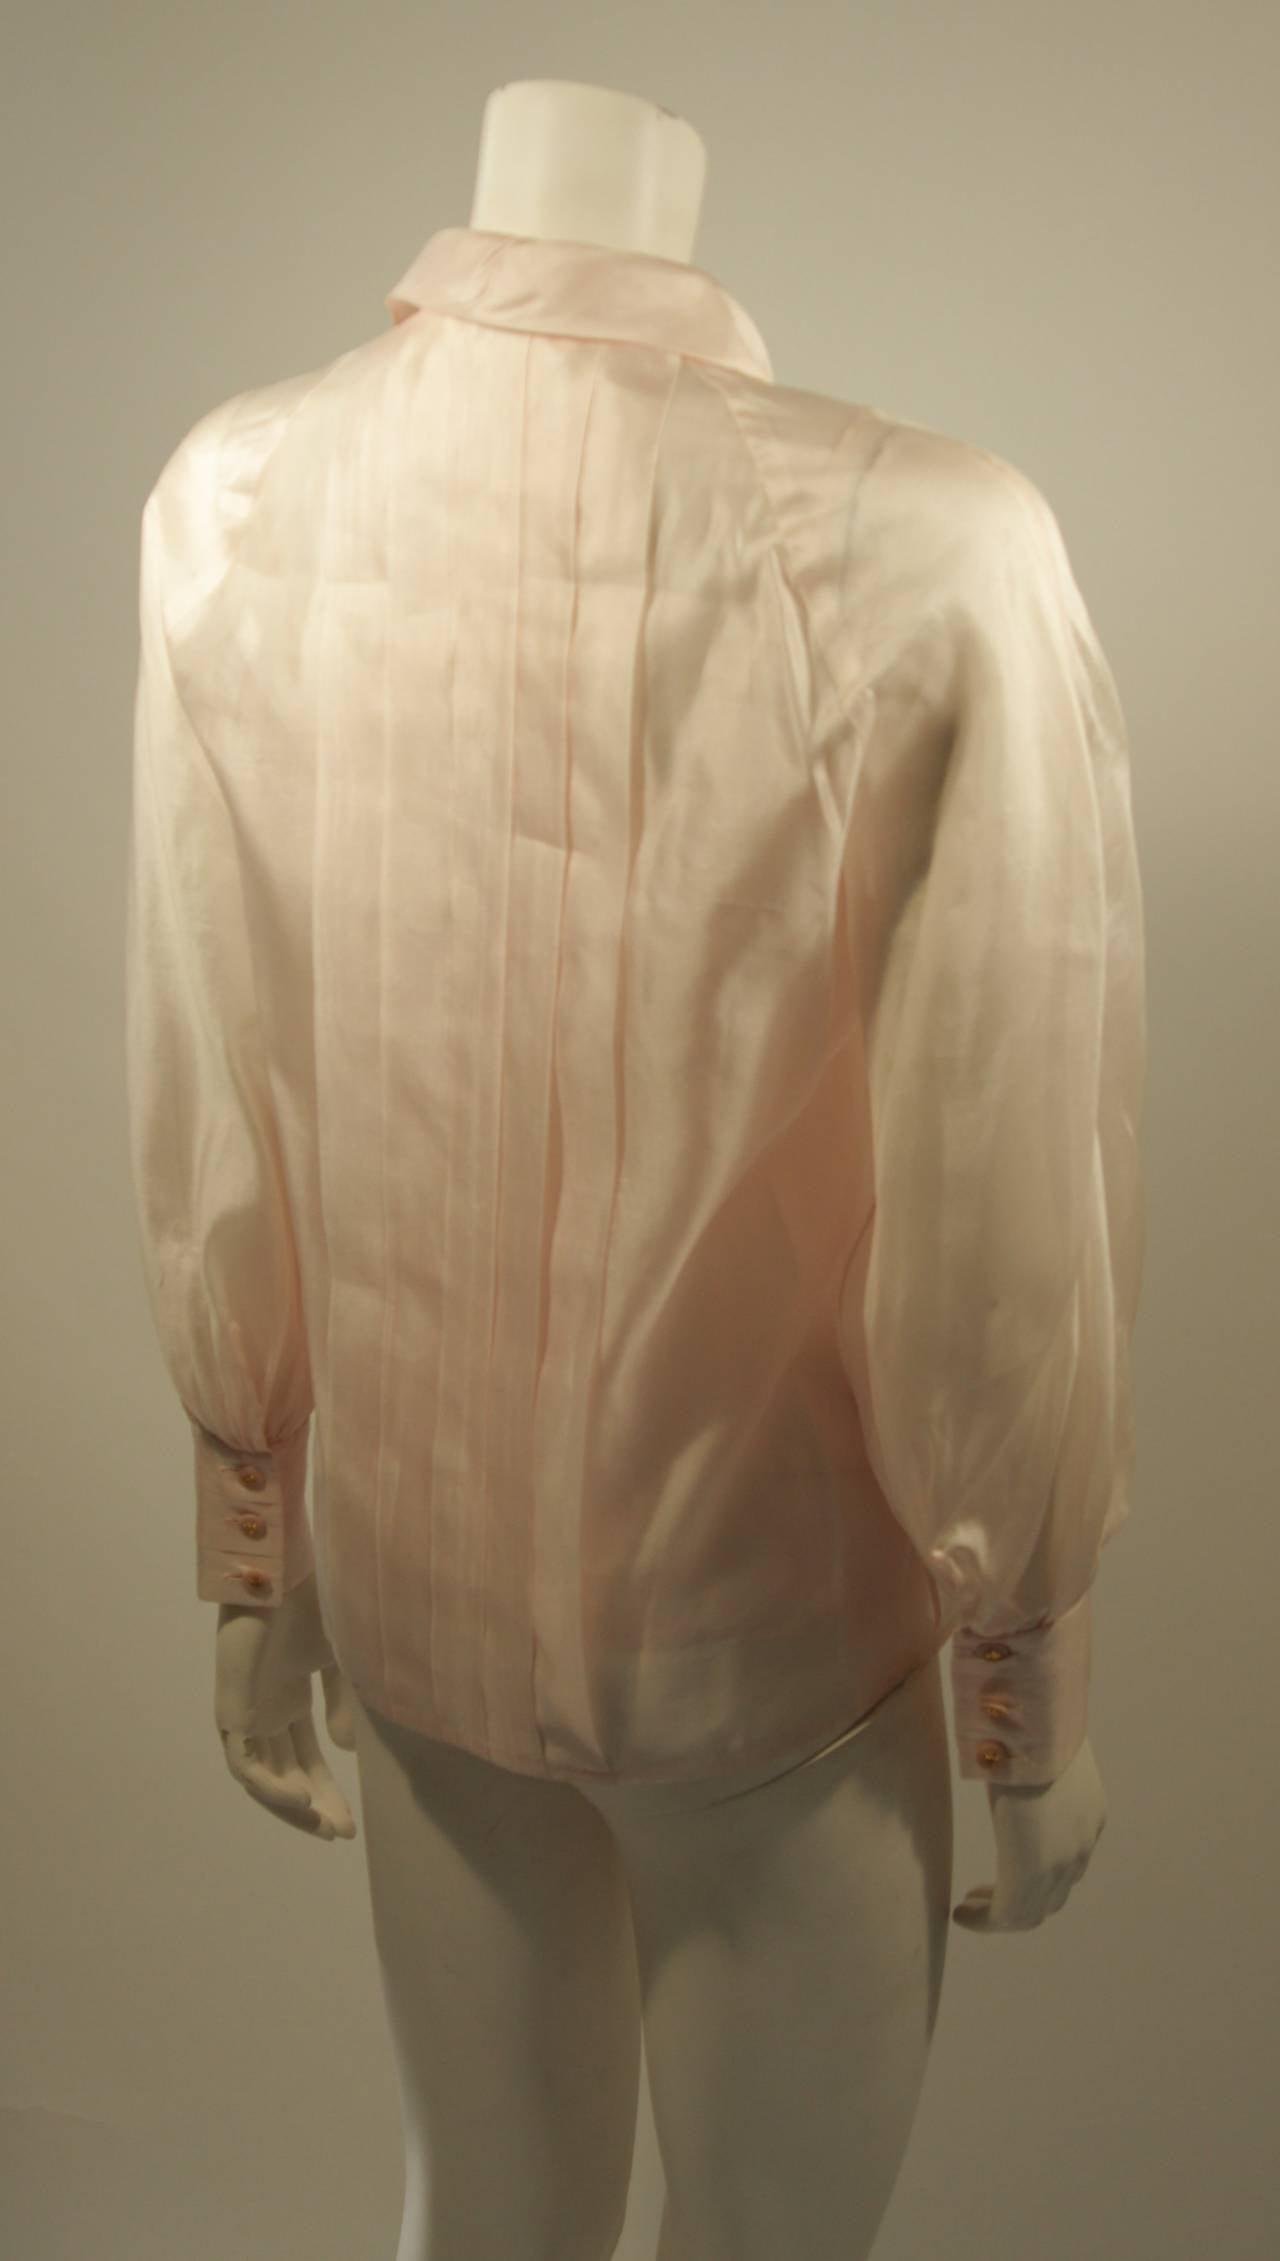 Chanel 3 Piece Pink Silk Organza Tie Neck Blouse & Camisole Set Size 36 7